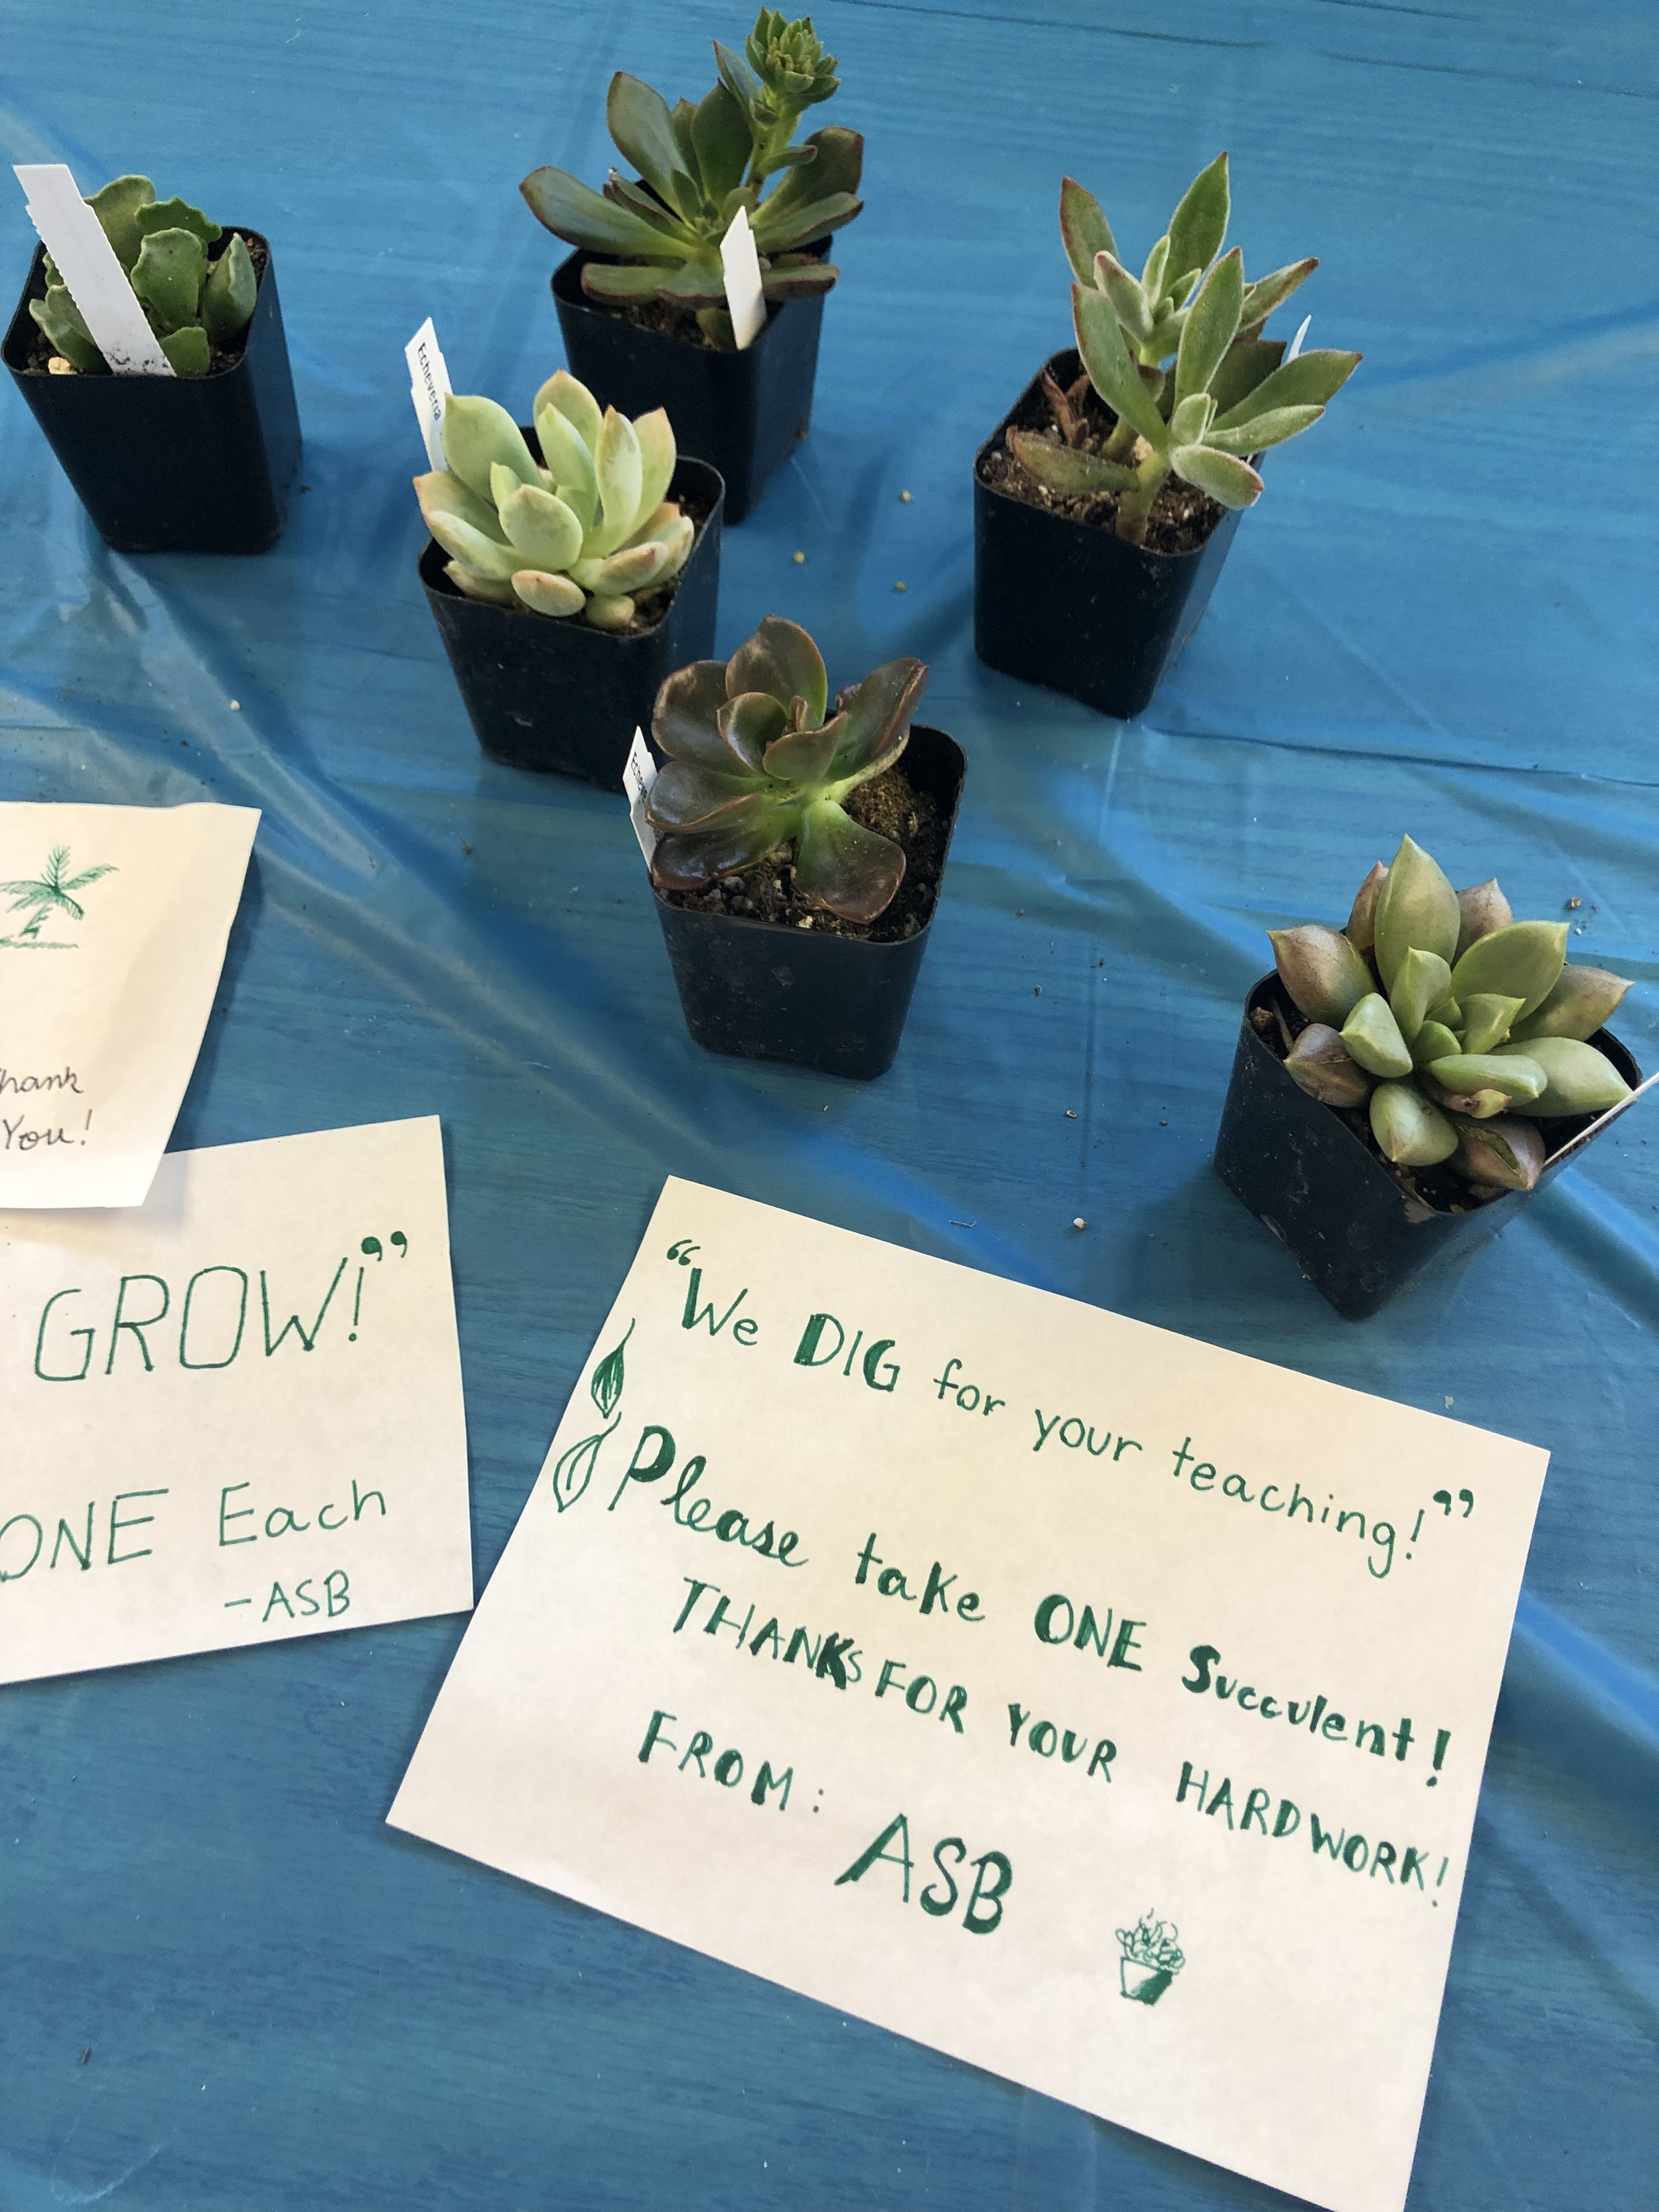 Leadership Students gave teachers plants